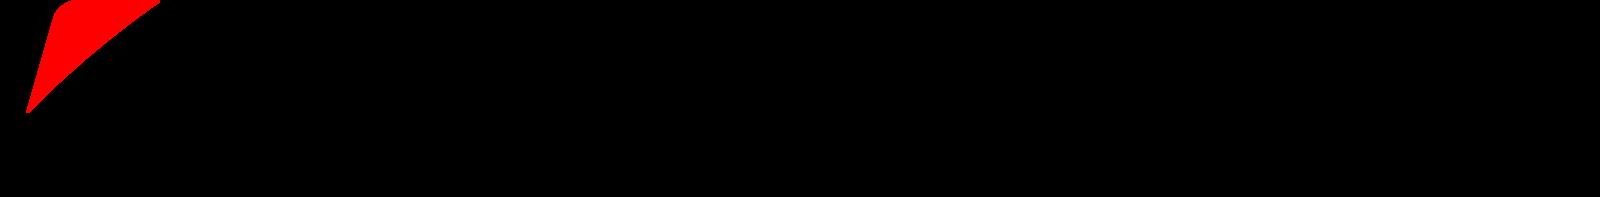 bridgestone logo 2 - Bridgestone Logo